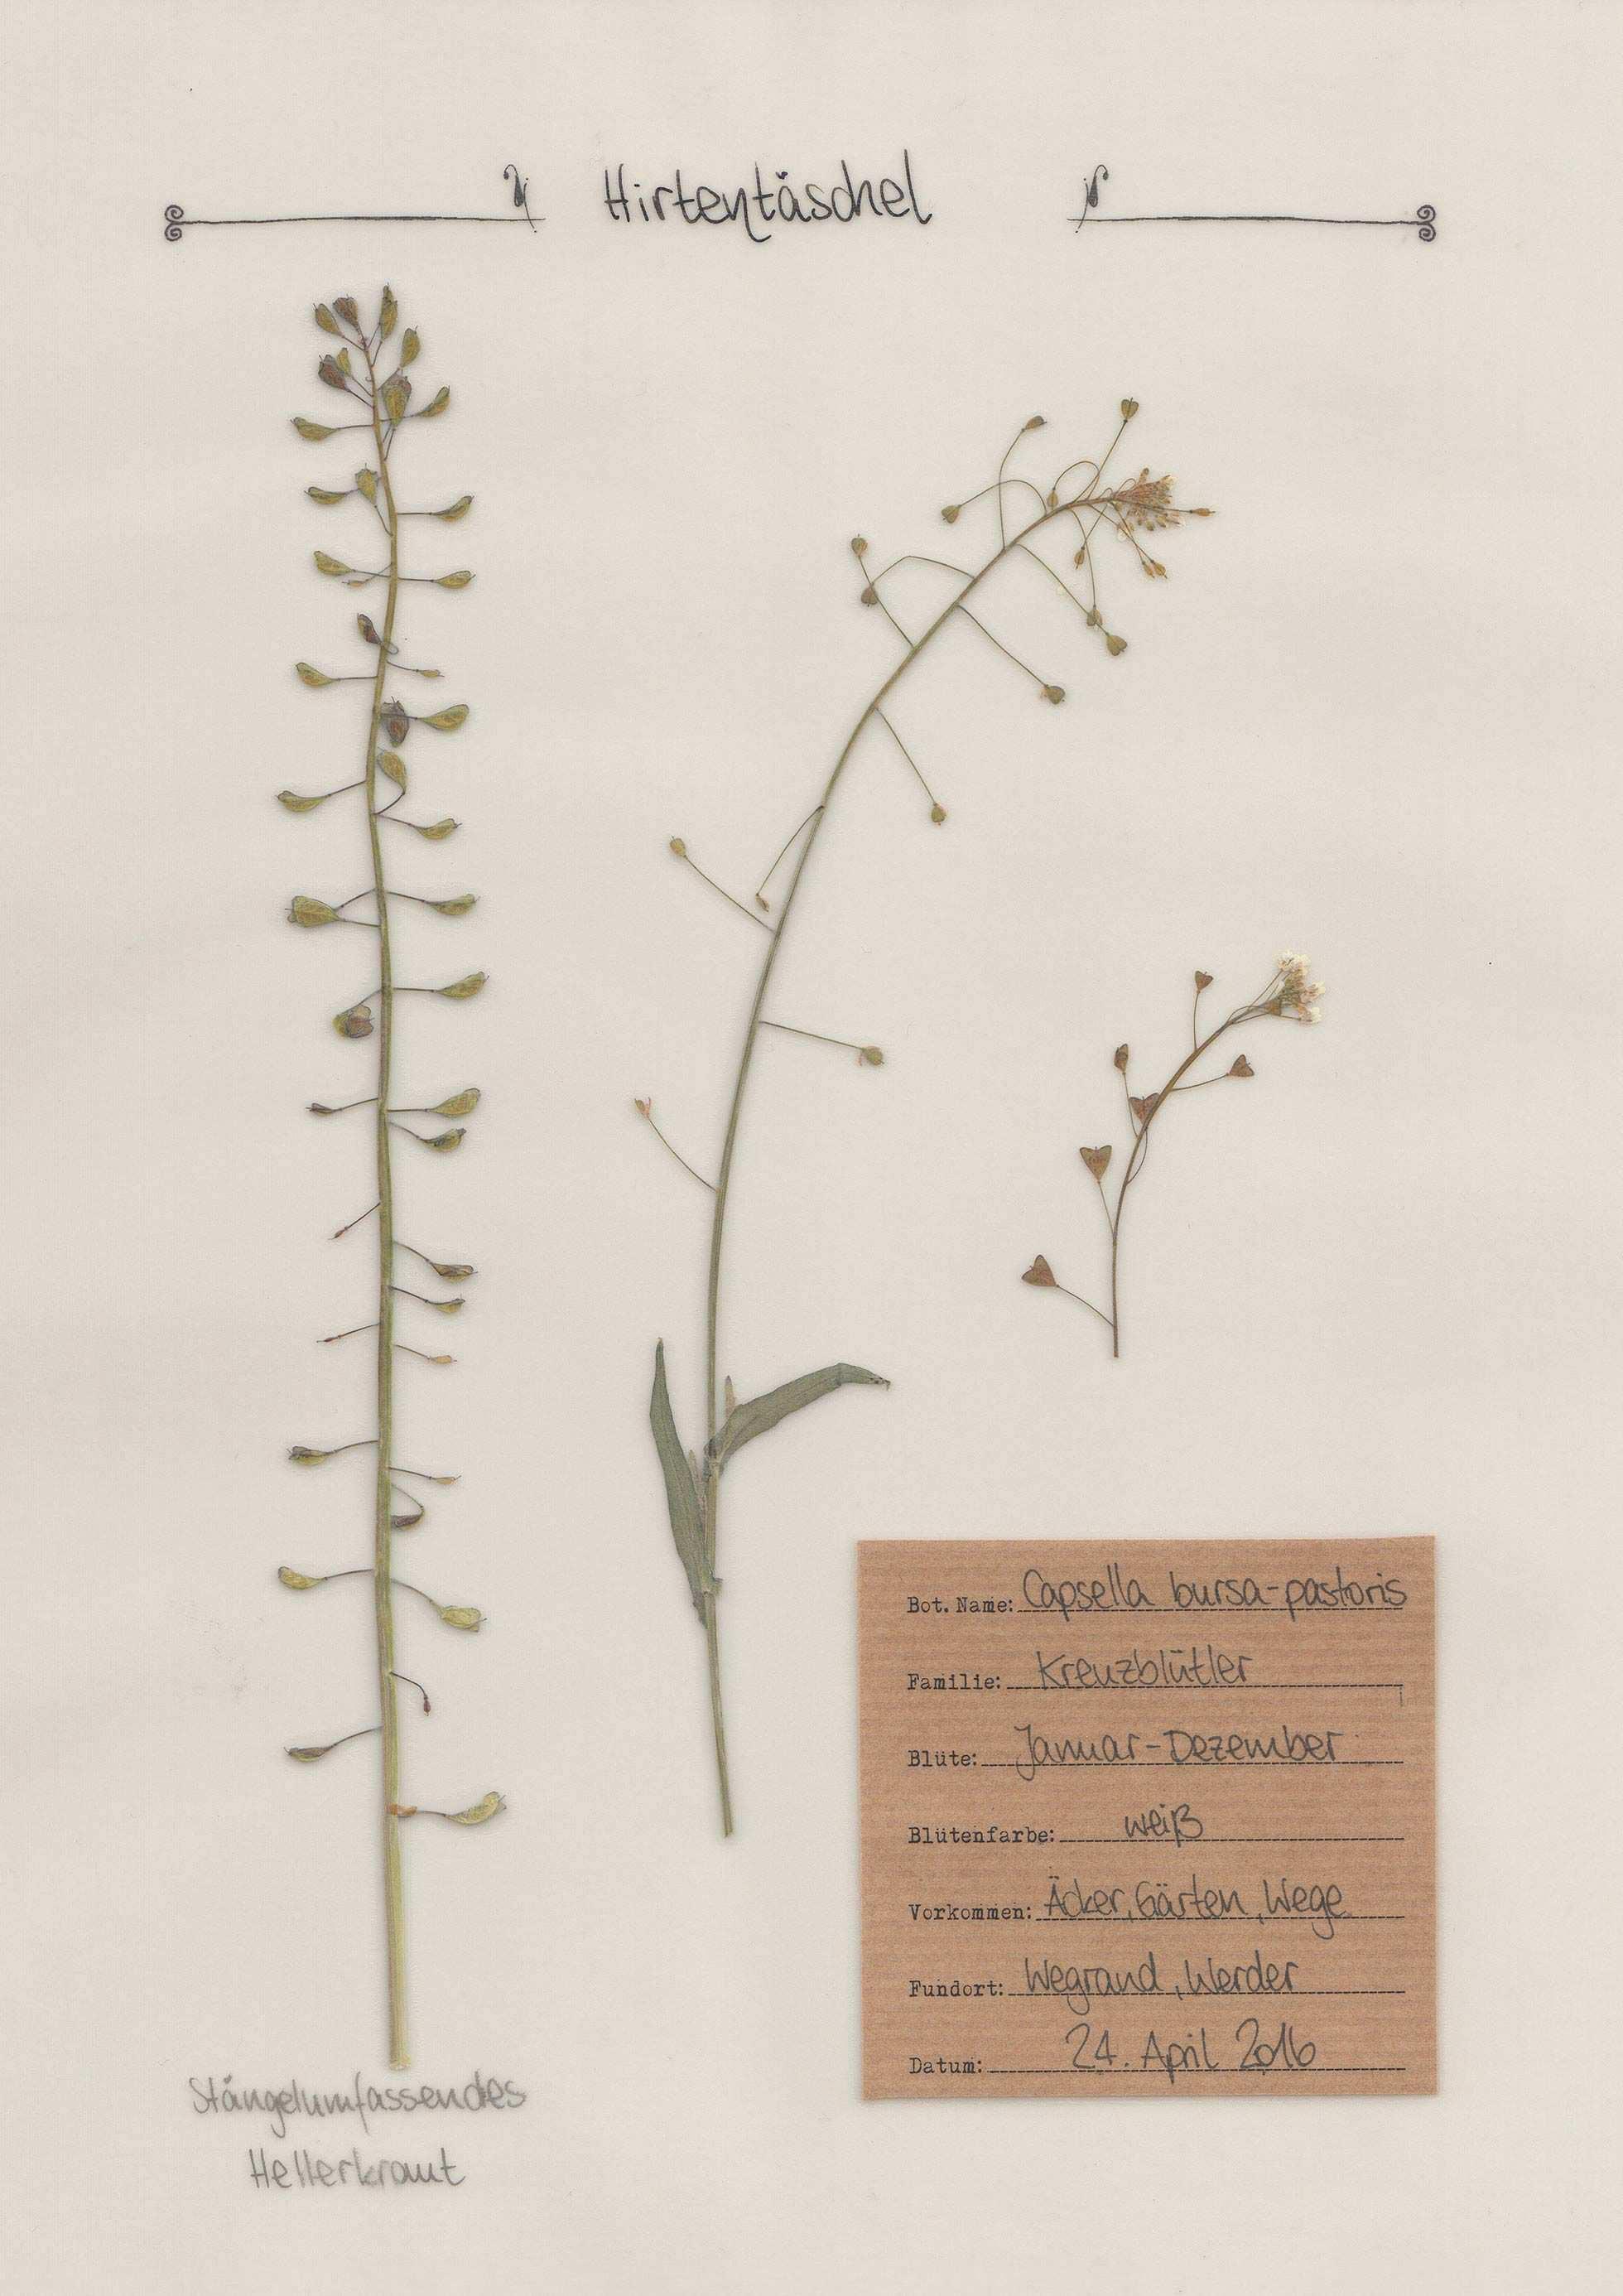 Das Hirtentaschel Im Pflanzenportrait Auf Www Herbal Hunter De Pflanzen Hirtentaschel Herbarium Vorlage